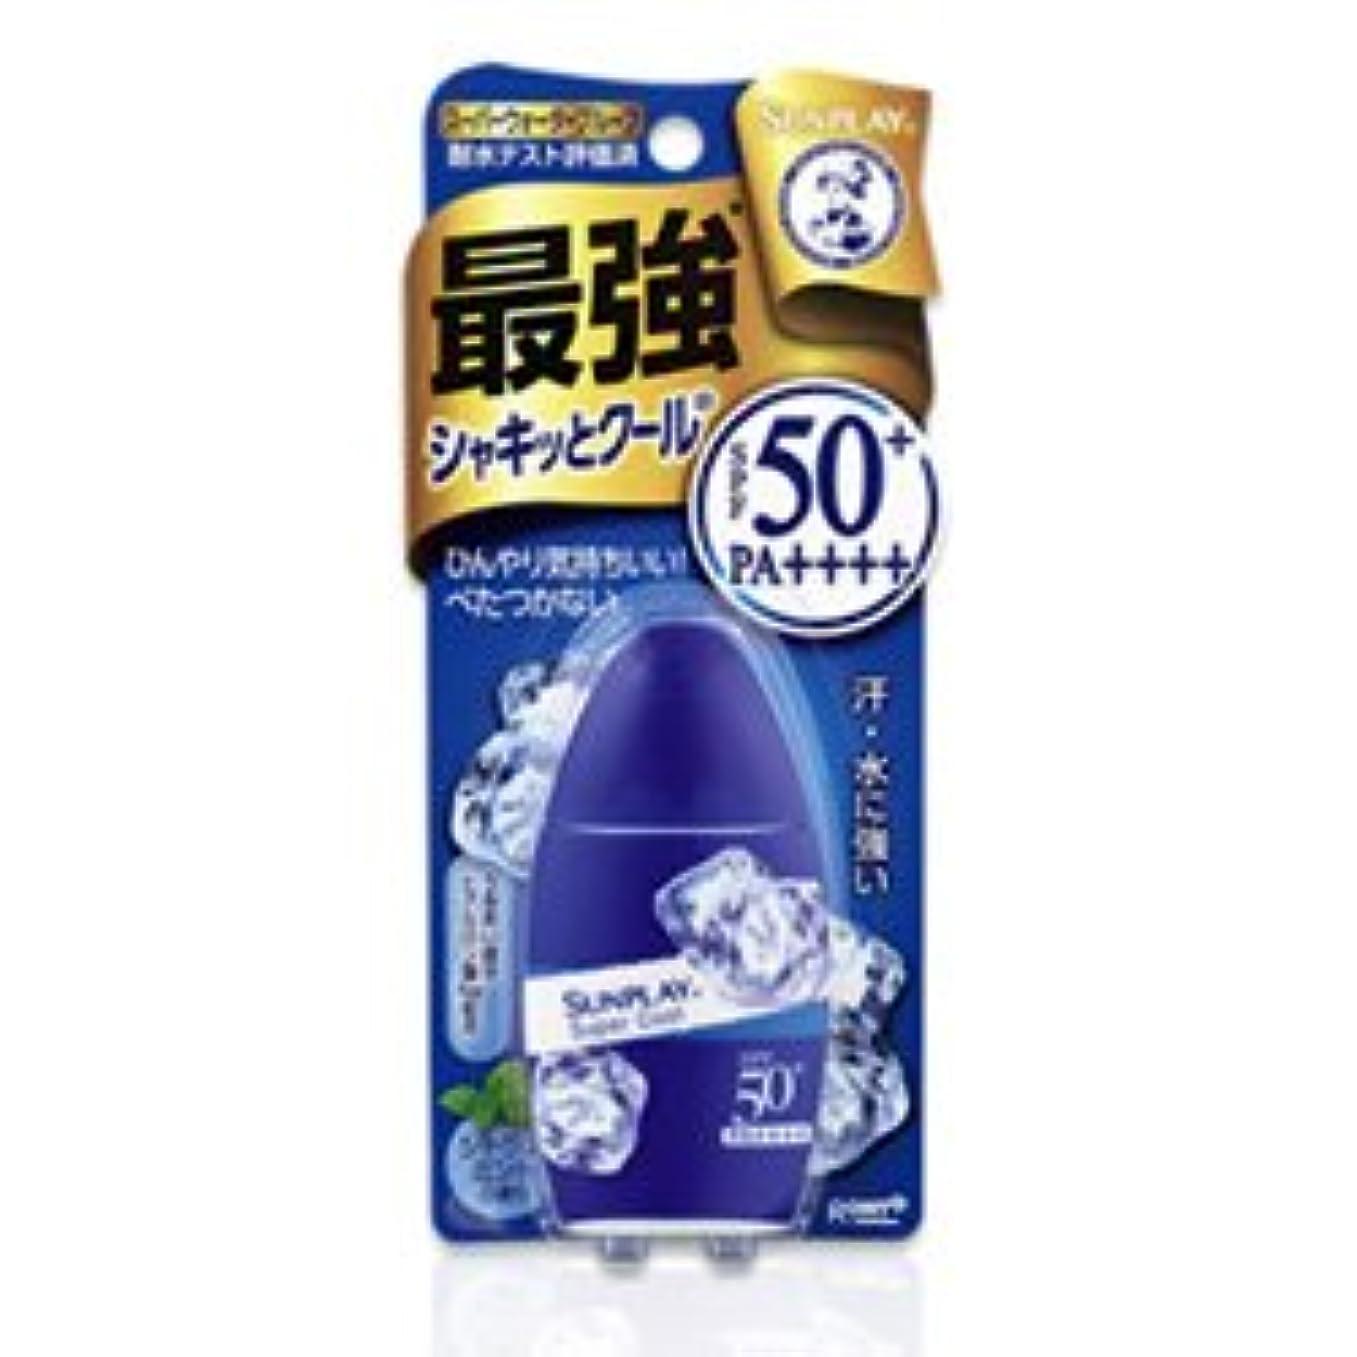 意見ミキサーヤギ【ロート製薬】メンソレータム サンプレイ スーパークール 30g ×5個セット